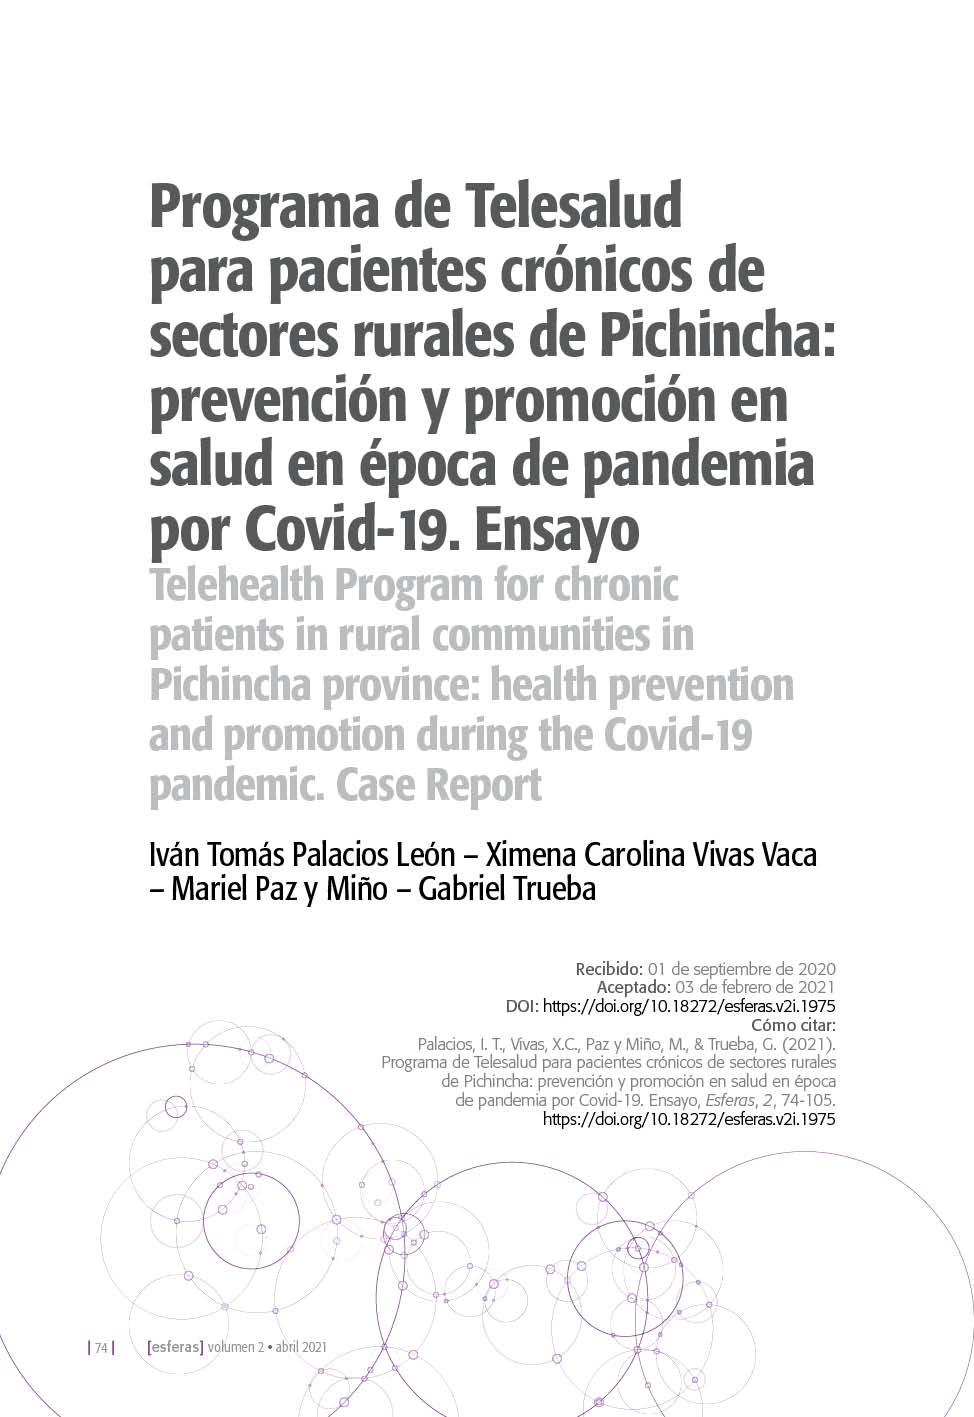 Programa de Telesalud para pacientes crónicos de sectores rurales de Pichincha: prevención y promoción en salud en época de pandemia por Covid-19. Ensayo